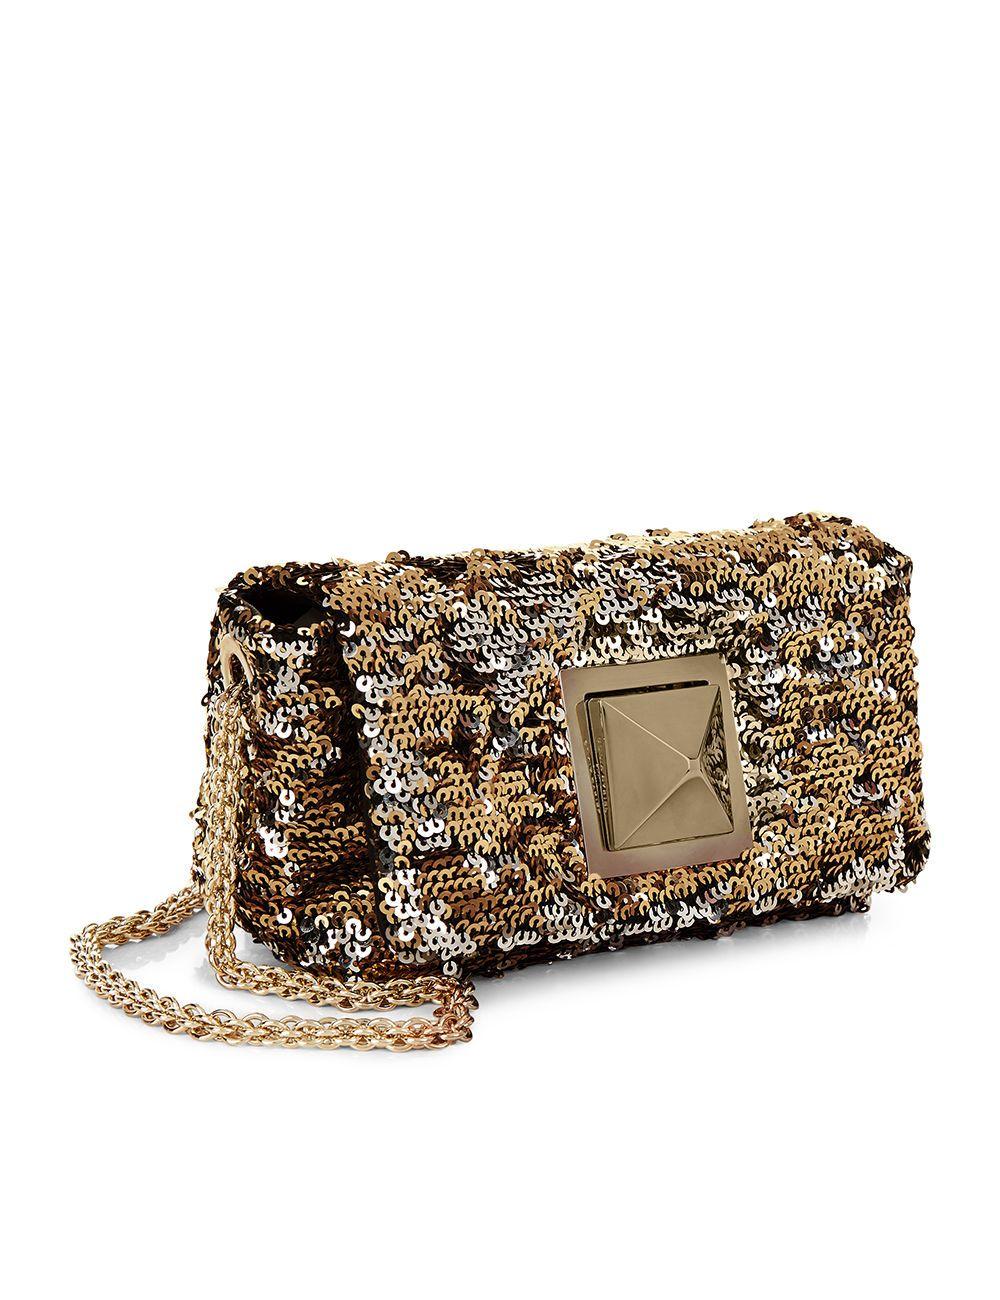 0c5ff6a12a Gold & Silver Sequin Le Copain Shoulder Bag | Bags | Silver sequin ...